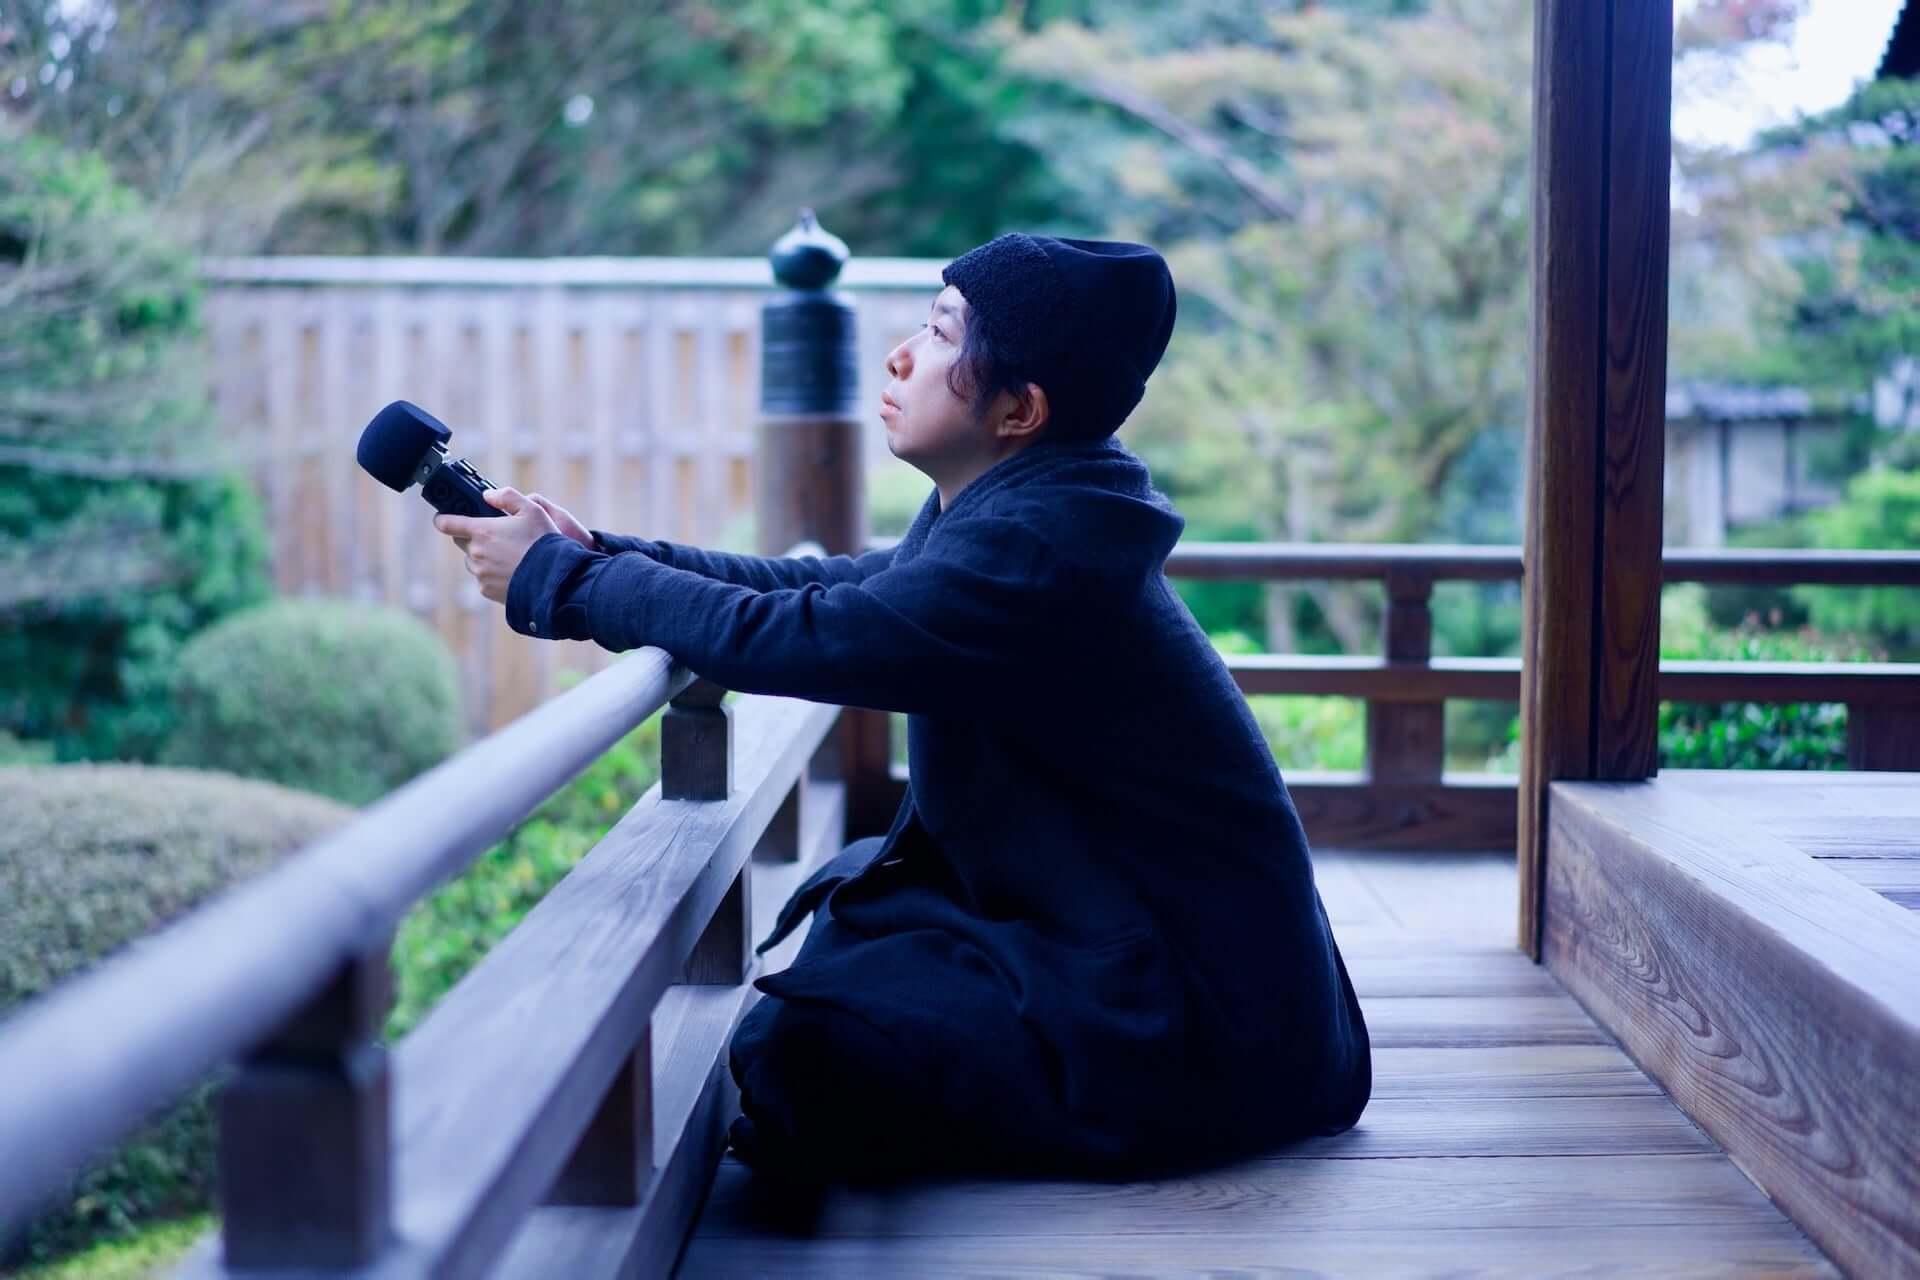 青葉市子、蓮沼執太、U-zhaan、haruka nakamura、Chihei Hatakeyamaらが参加!音楽作品『SOUND TRIP』の第2弾がリリース music210107_sound-trip_1-1920x1280